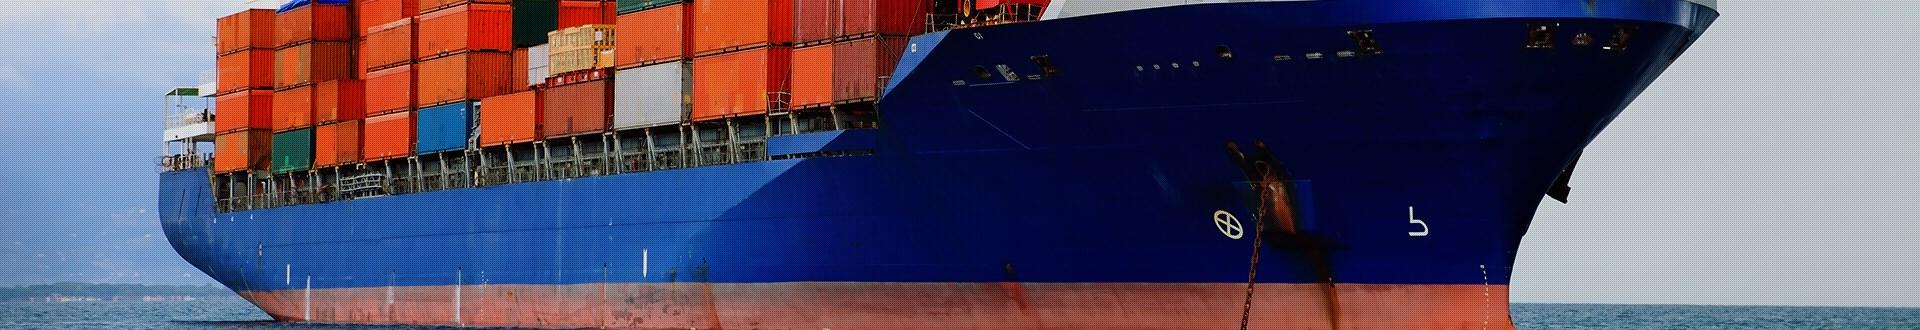 banner1_associated_companies_logistics